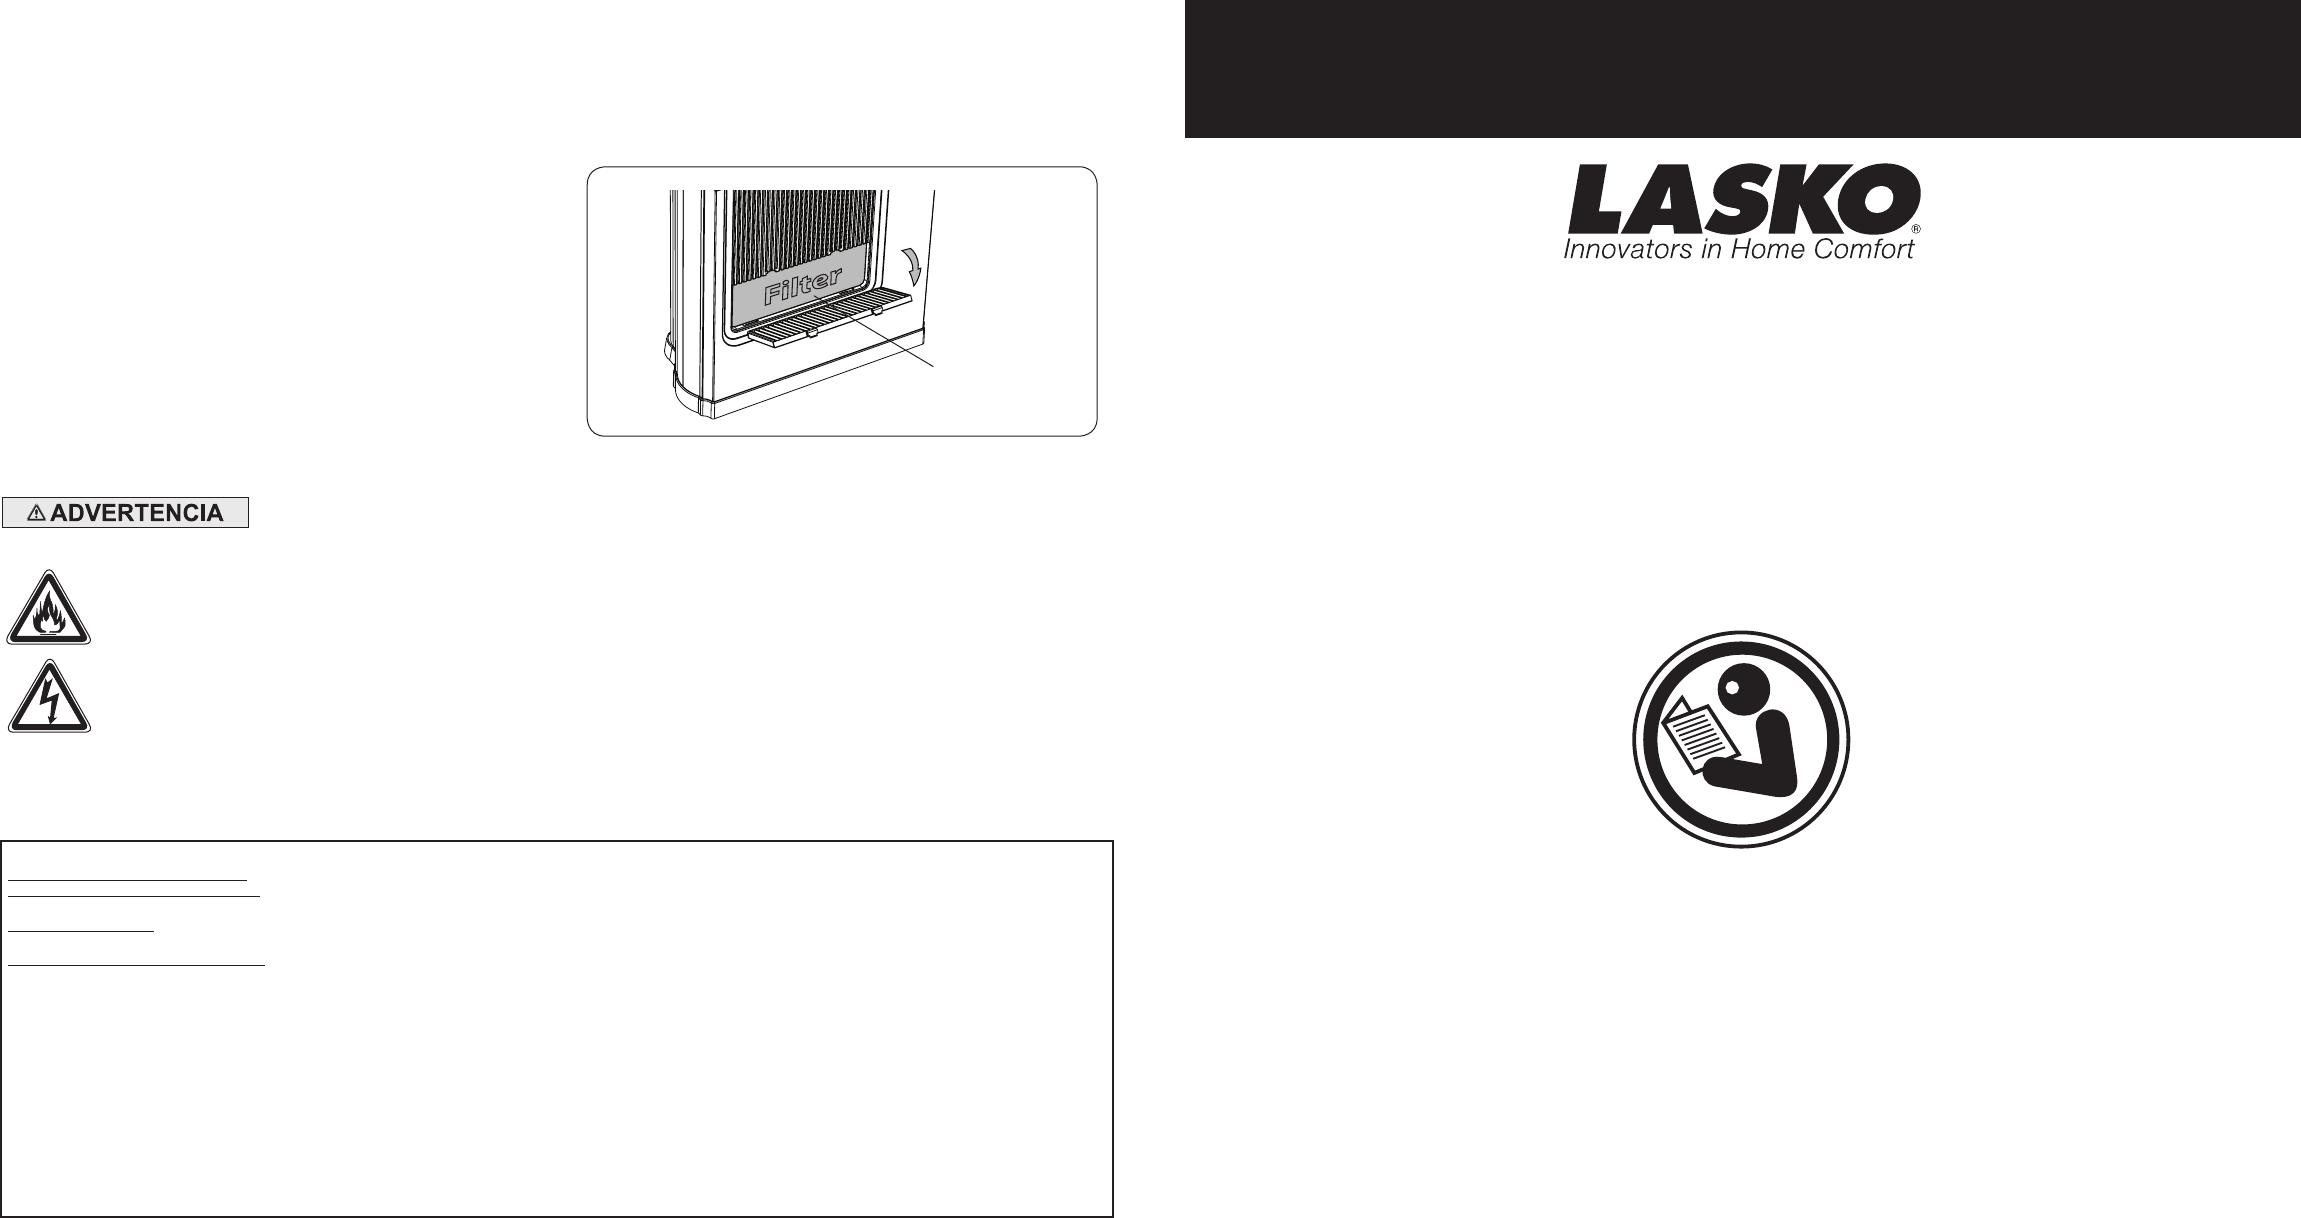 Lasko Electric Heater User Guide